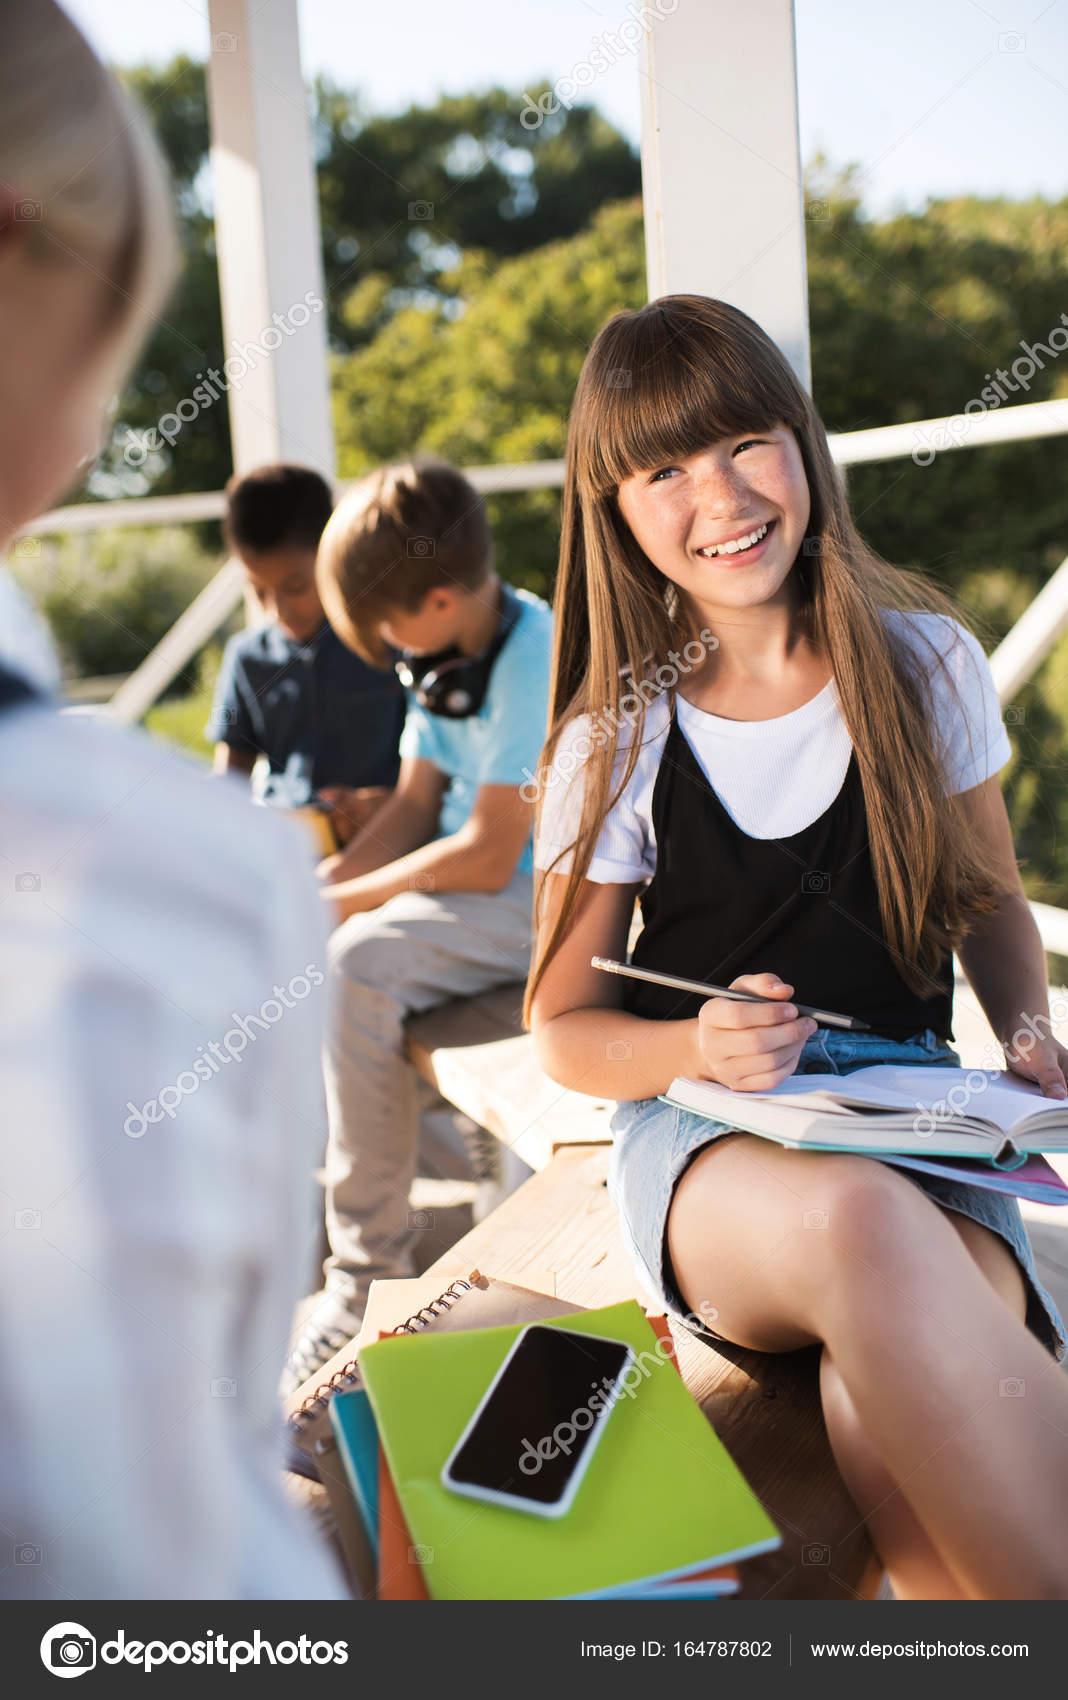 702954943 Adolescente sonriente estudiando con libros — Foto de stock ...